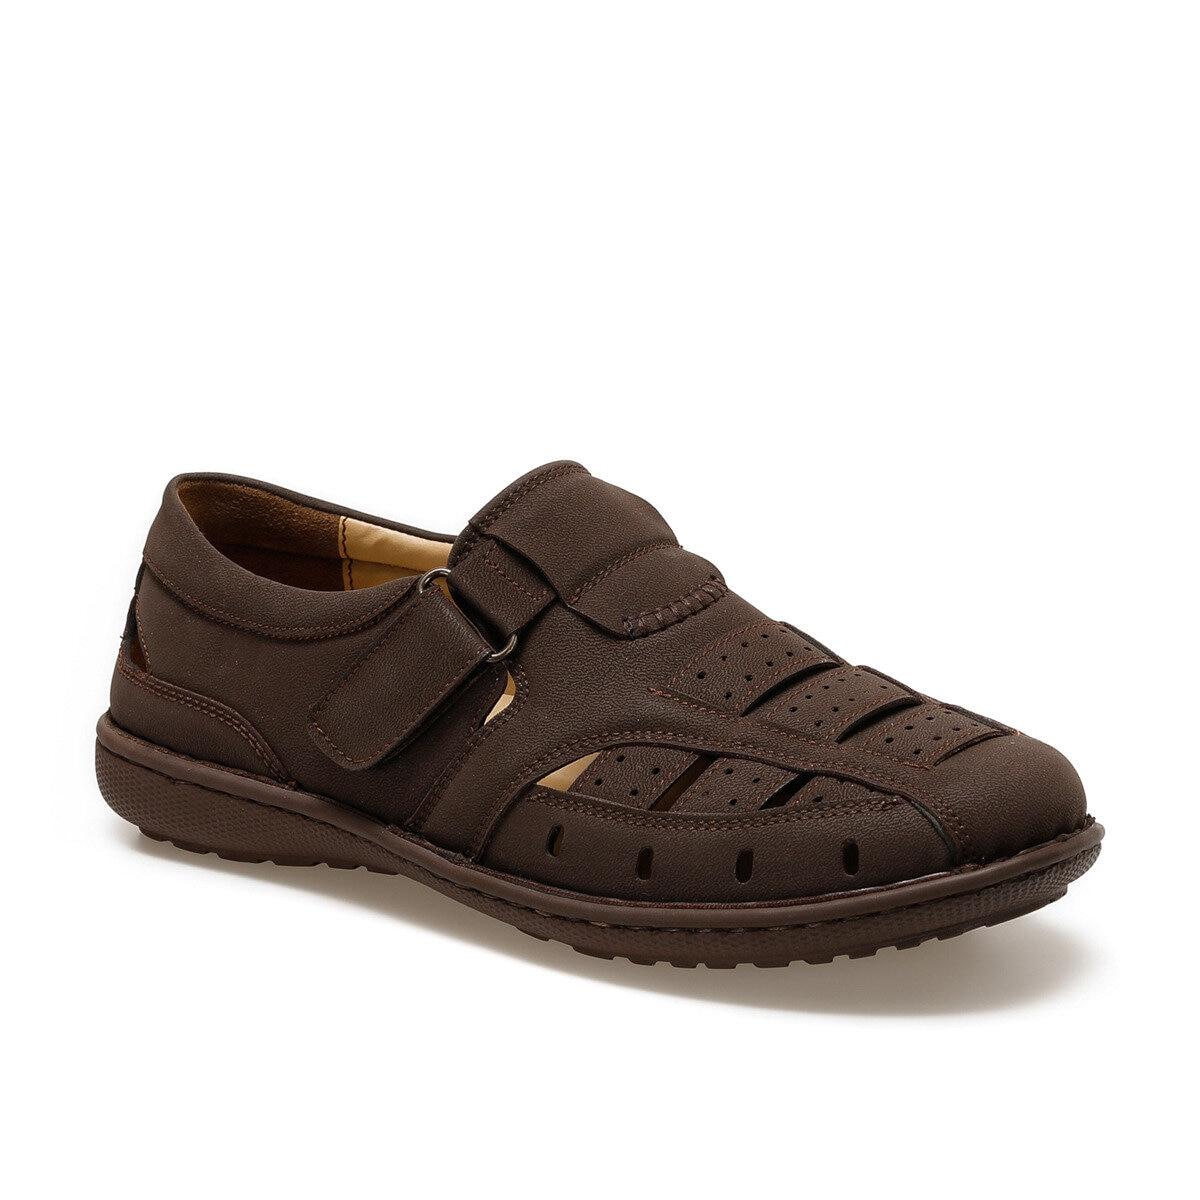 FLO AL-9 Brown Men 'S Classic Shoes Flexall